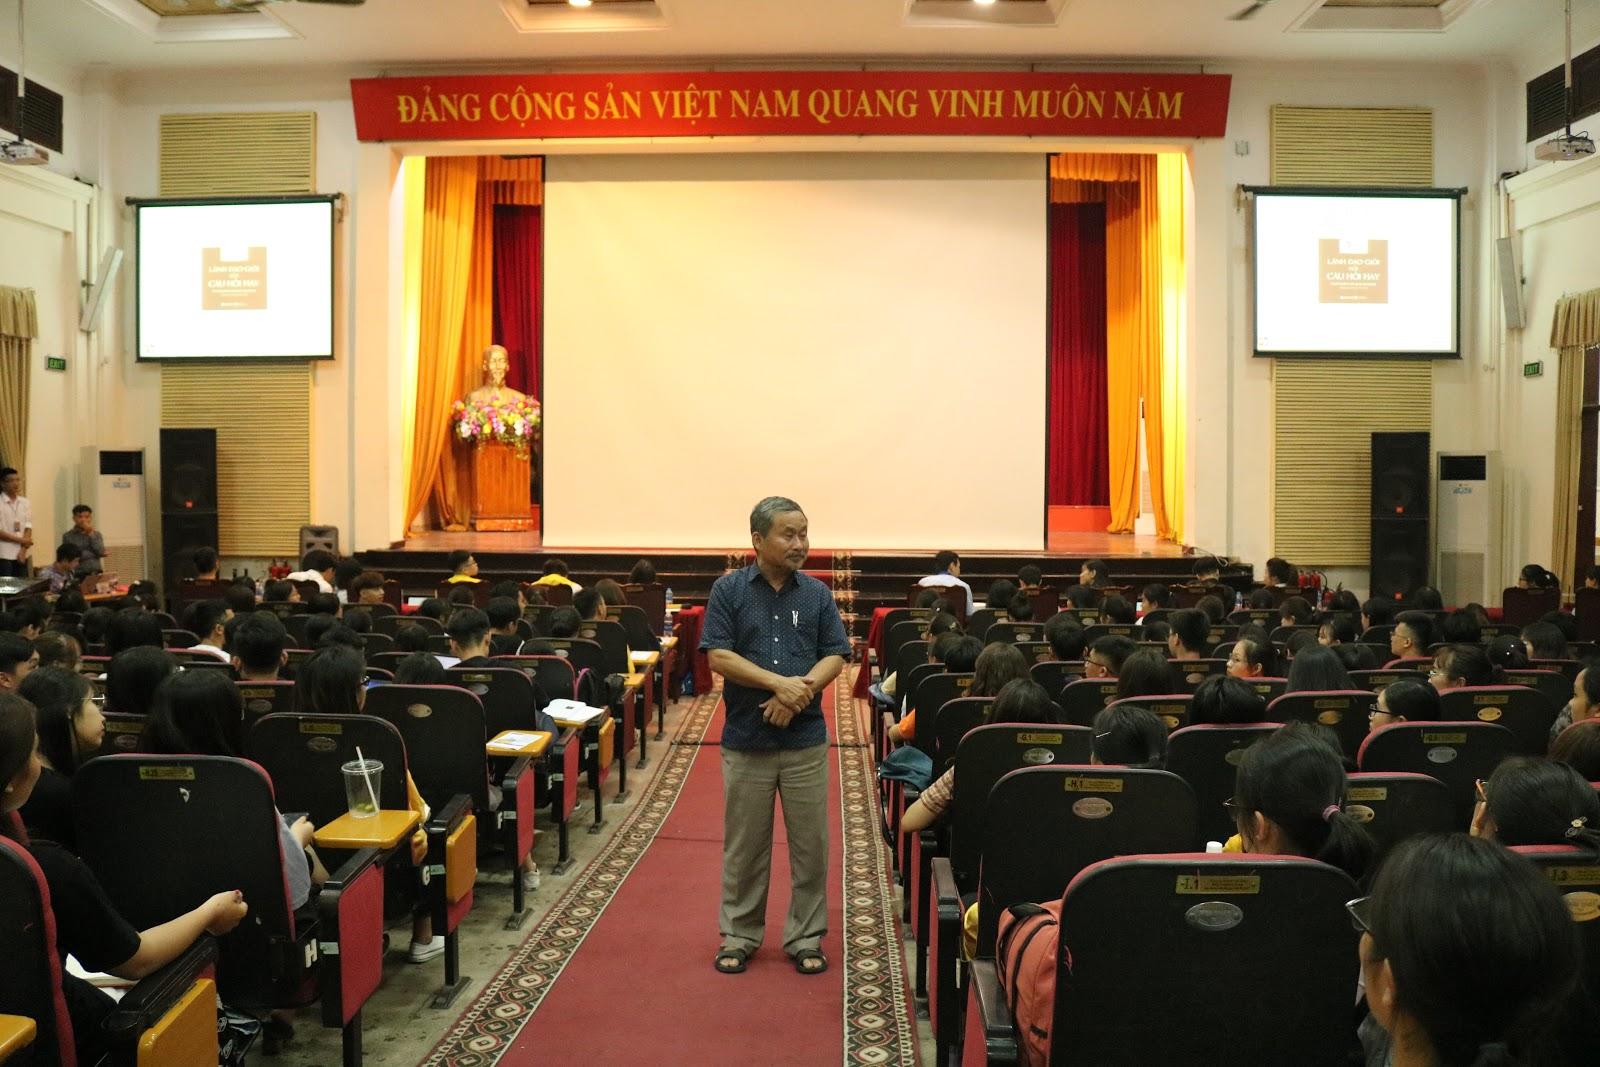 Thầy Phan Quốc Việt chia sẻ với sinh viên về hình thành thái độ trong học tập, công việc